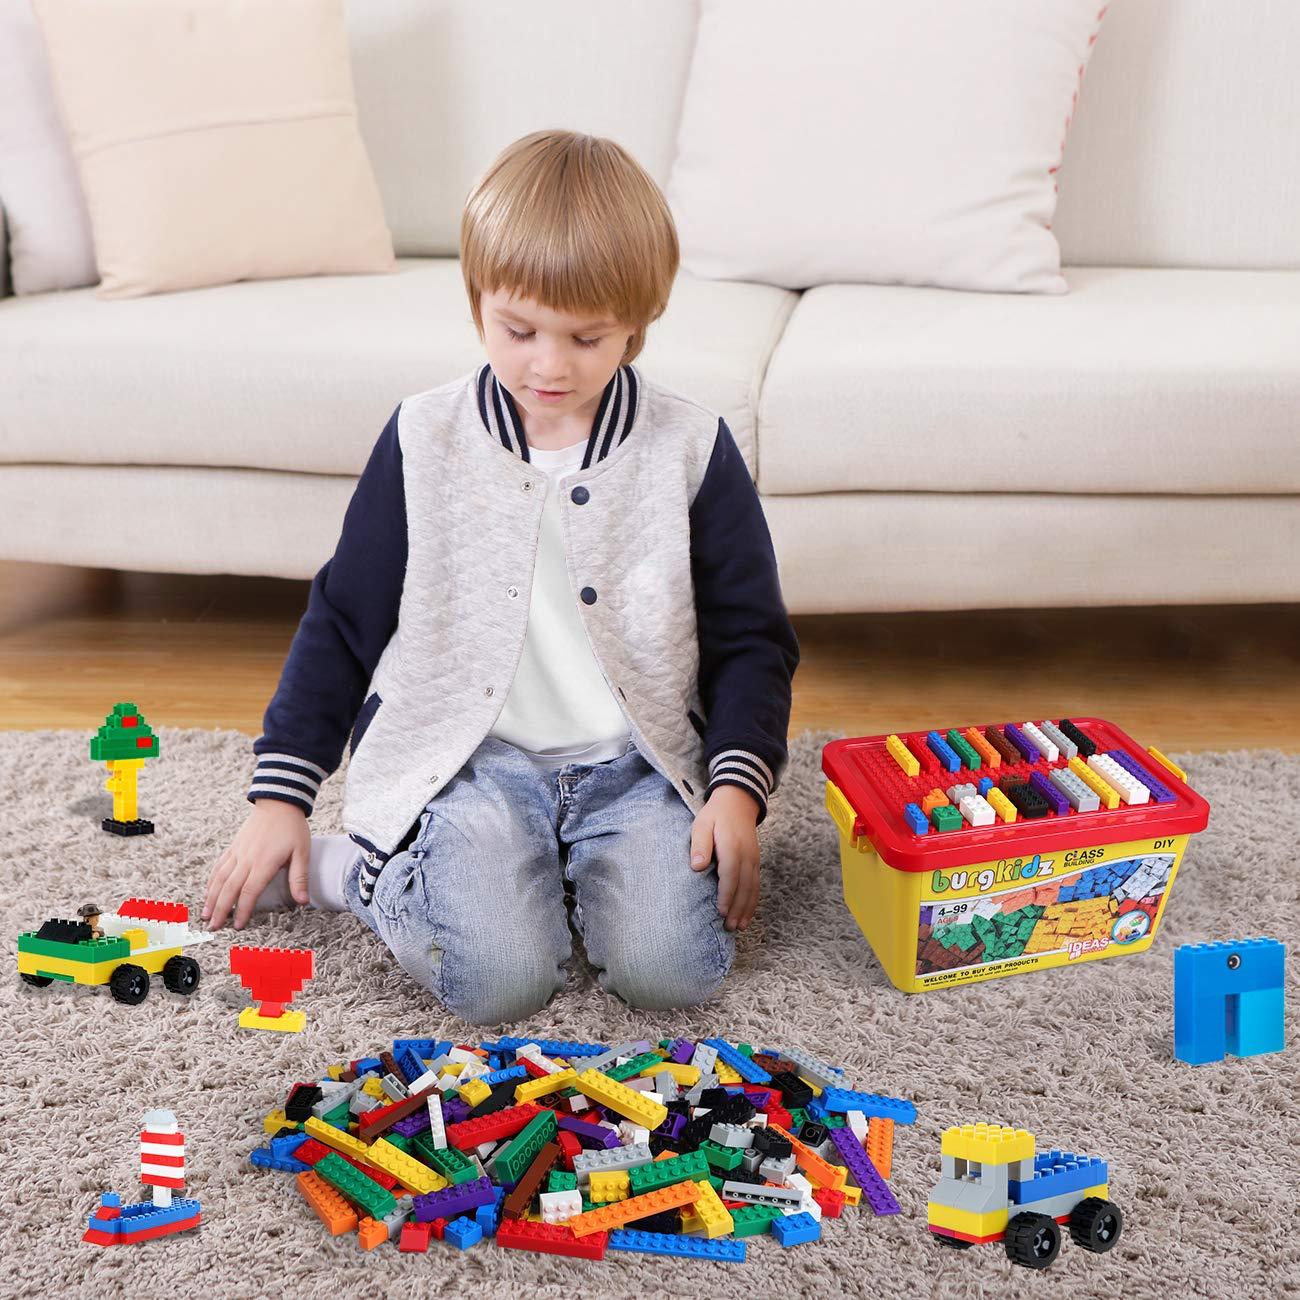 burgkidz Mattoncini Classic Costruzioni con Secchio Portatile e Compatibili con Tutti i Principali Blocchi di Marca 520 Pezzi Giocattoli Educativi per Bambini